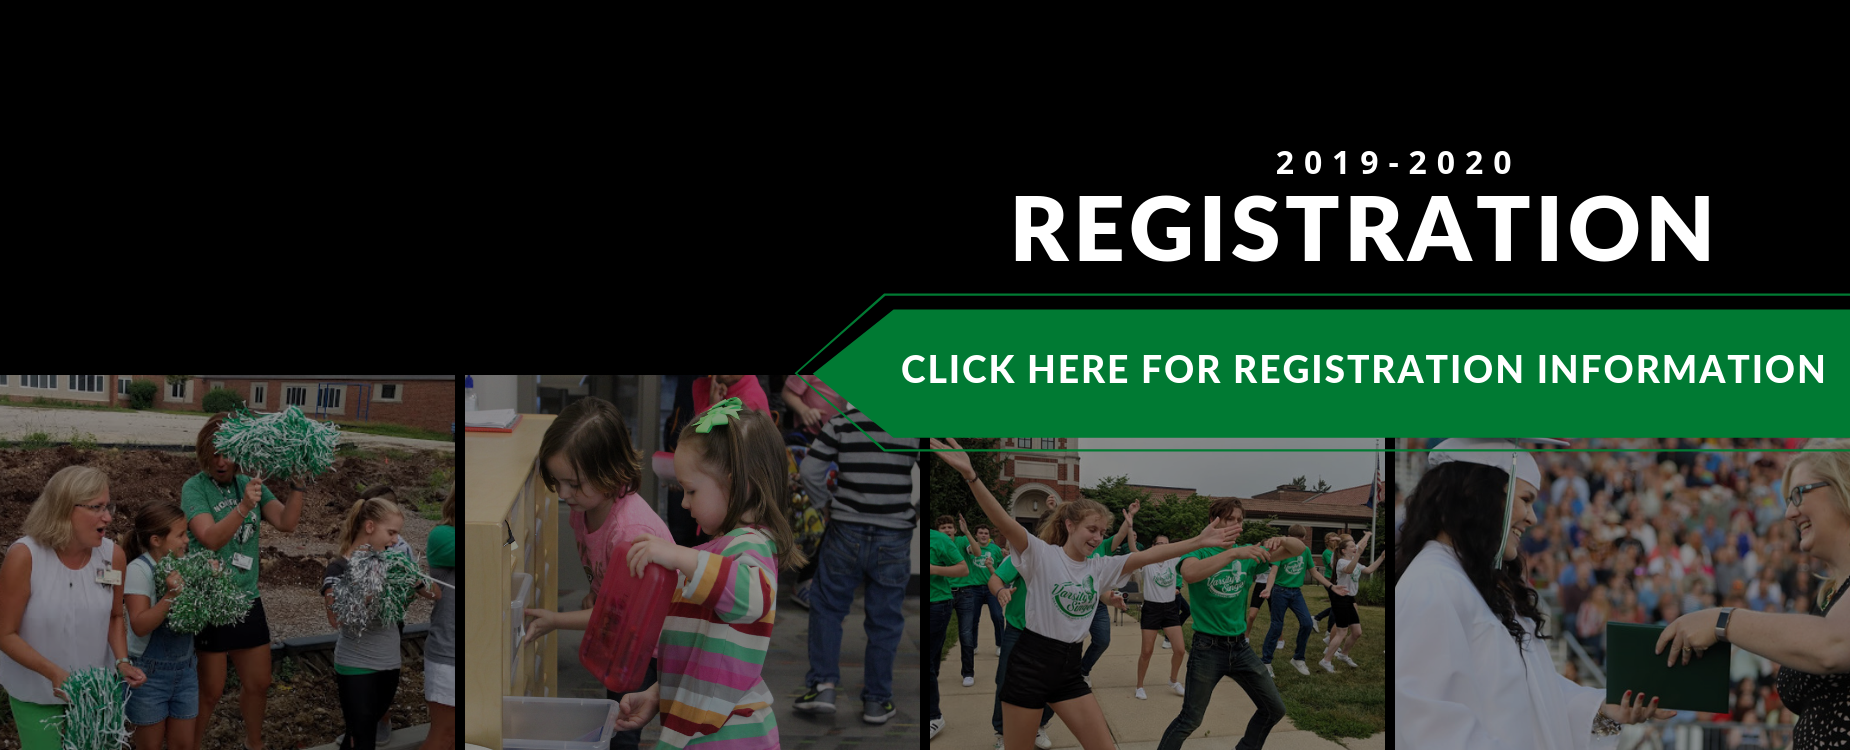 2019-2020 Registration Click here for registration information